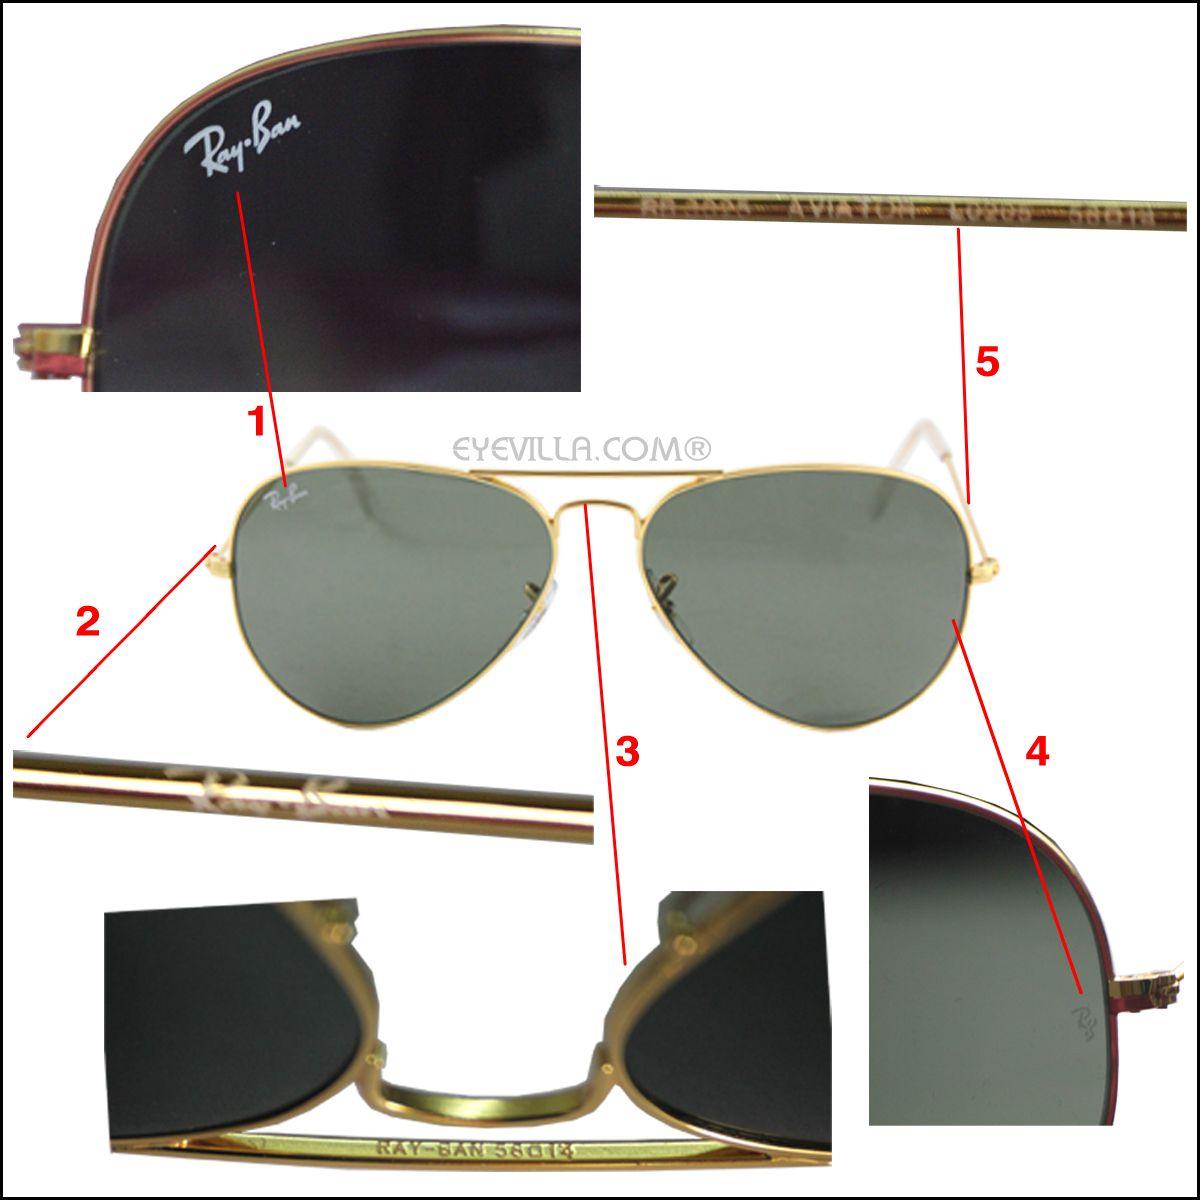 ray ban sonnenbrille herren gefälscht